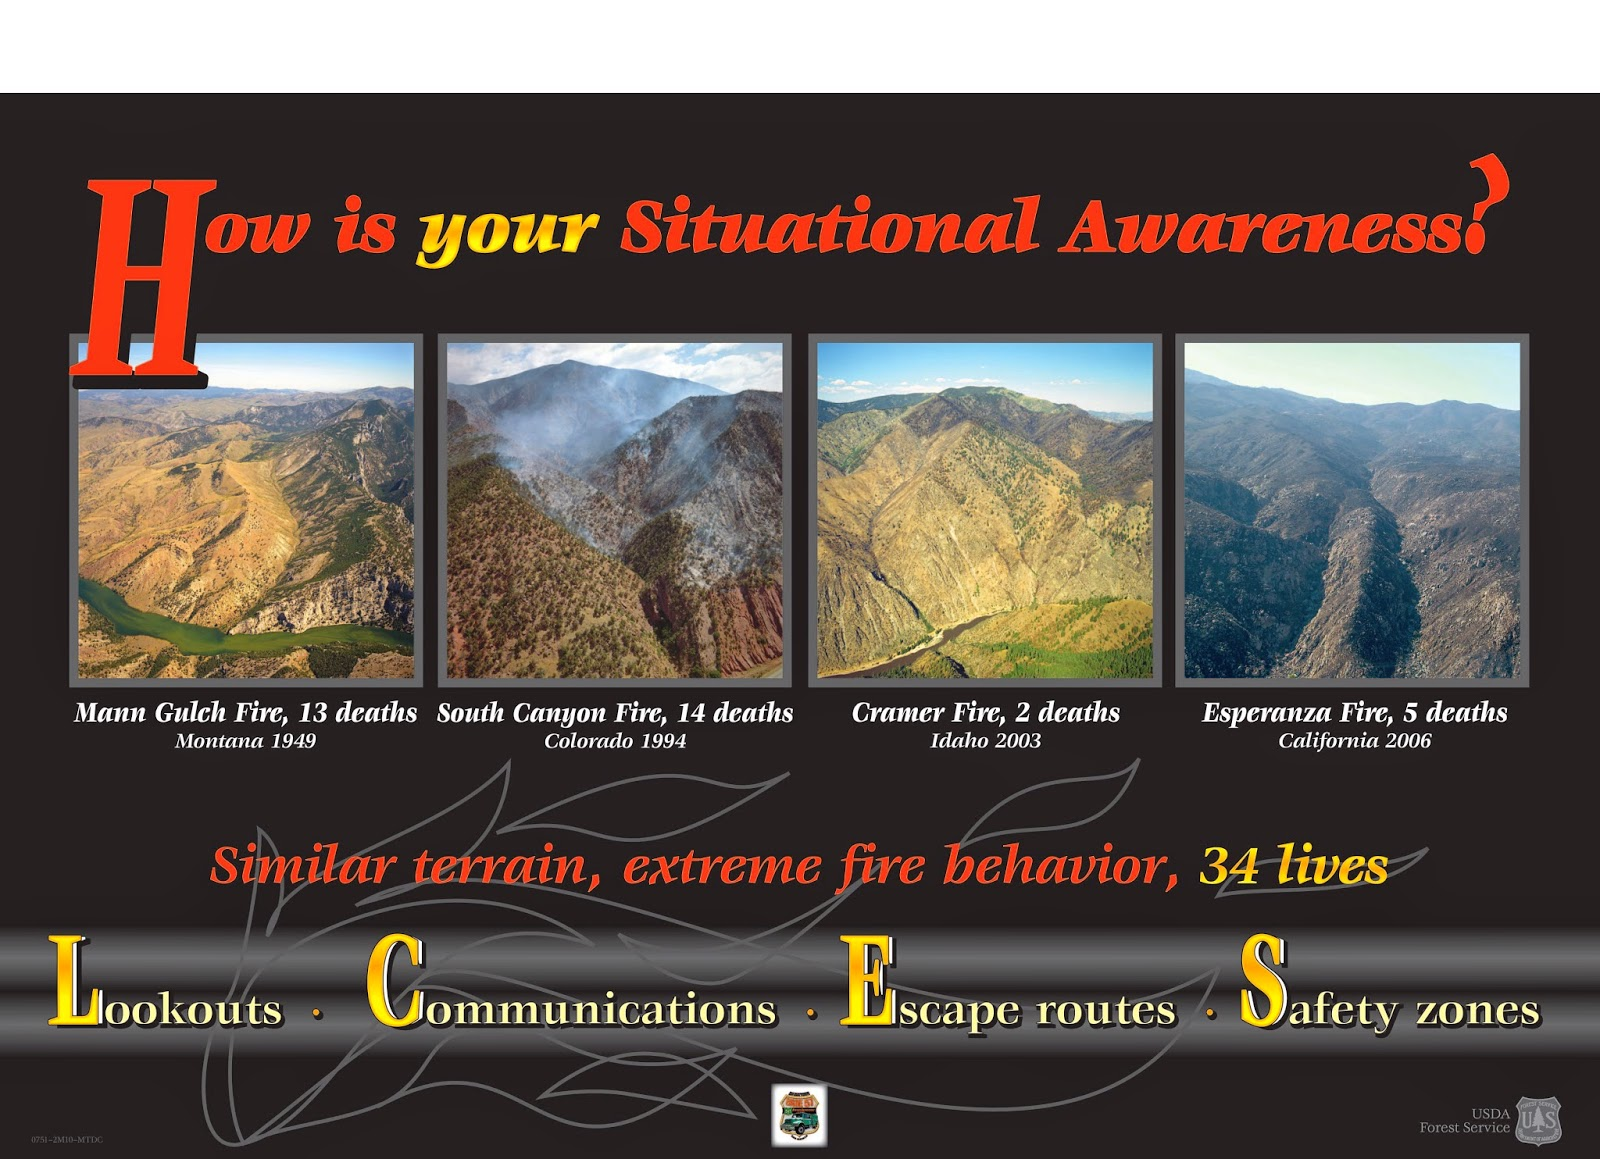 Situational awareness poster